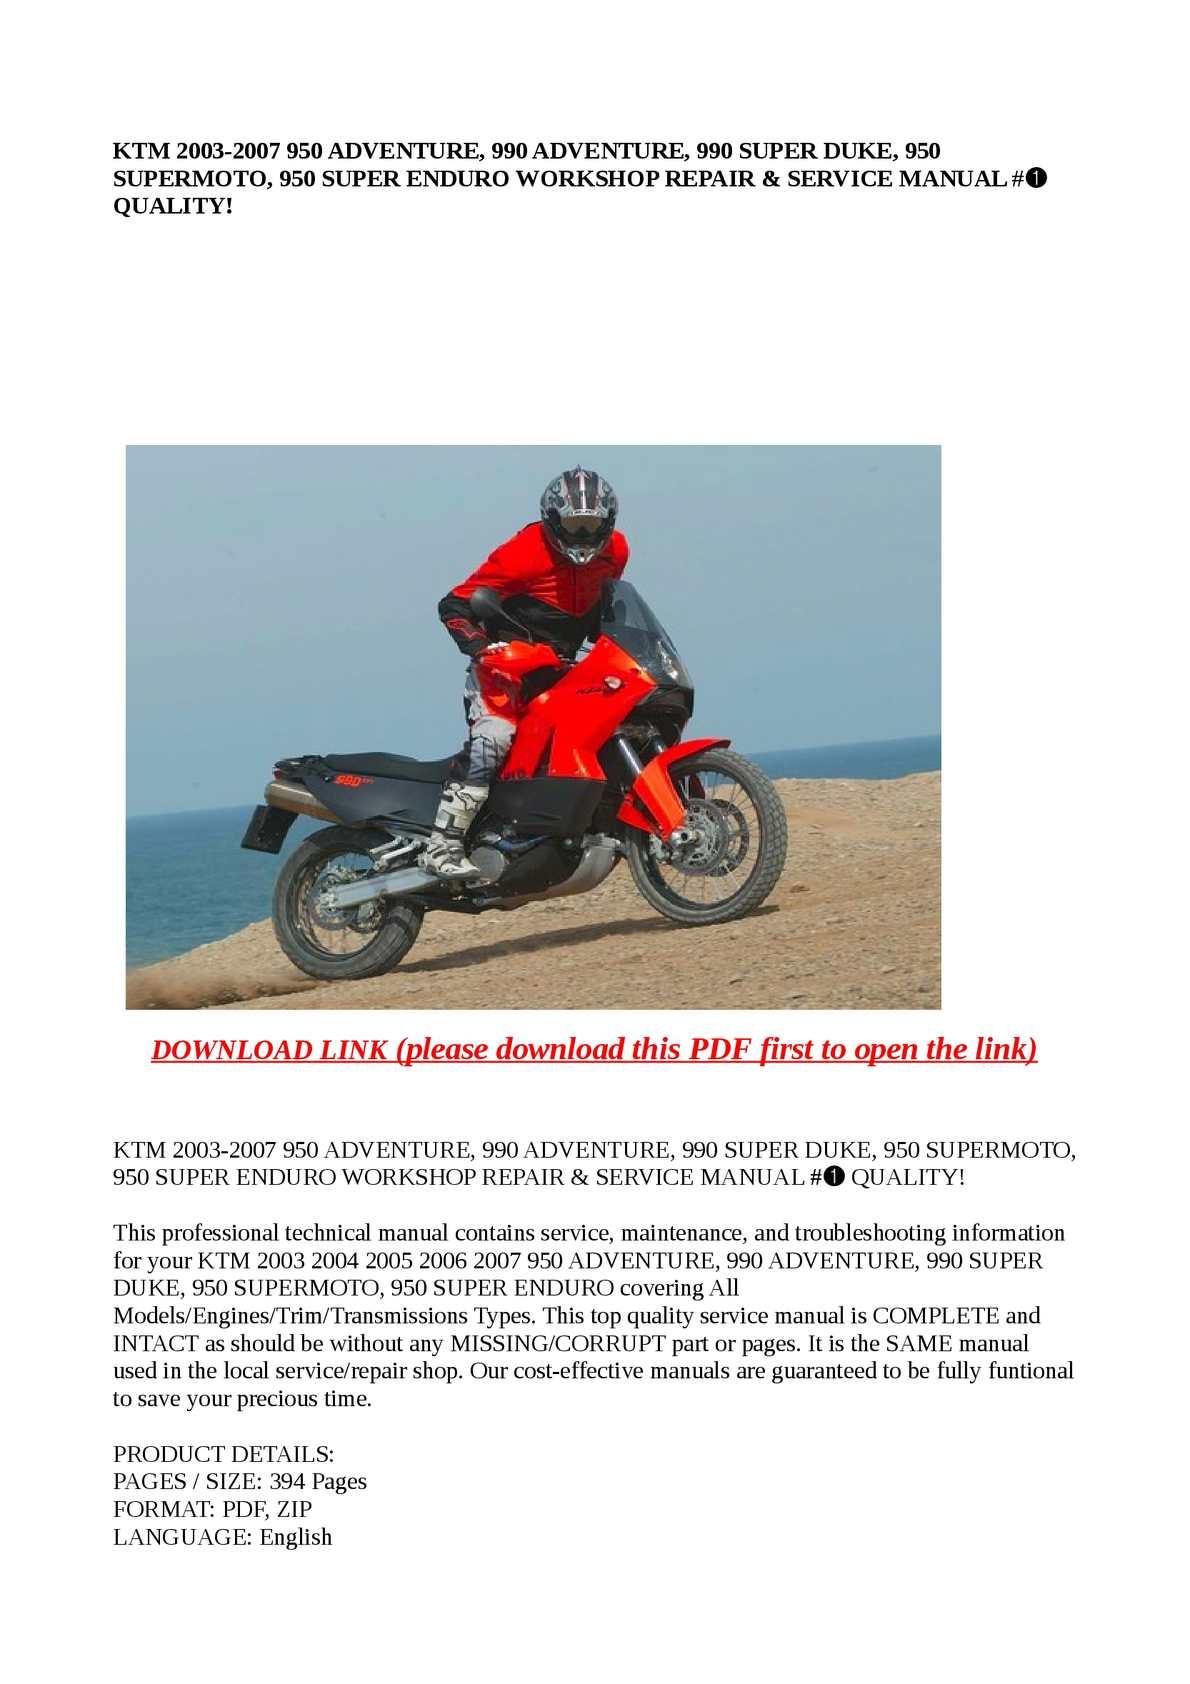 calam o ktm 2003 2007 950 adventure 990 adventure 990 super d rh calameo com